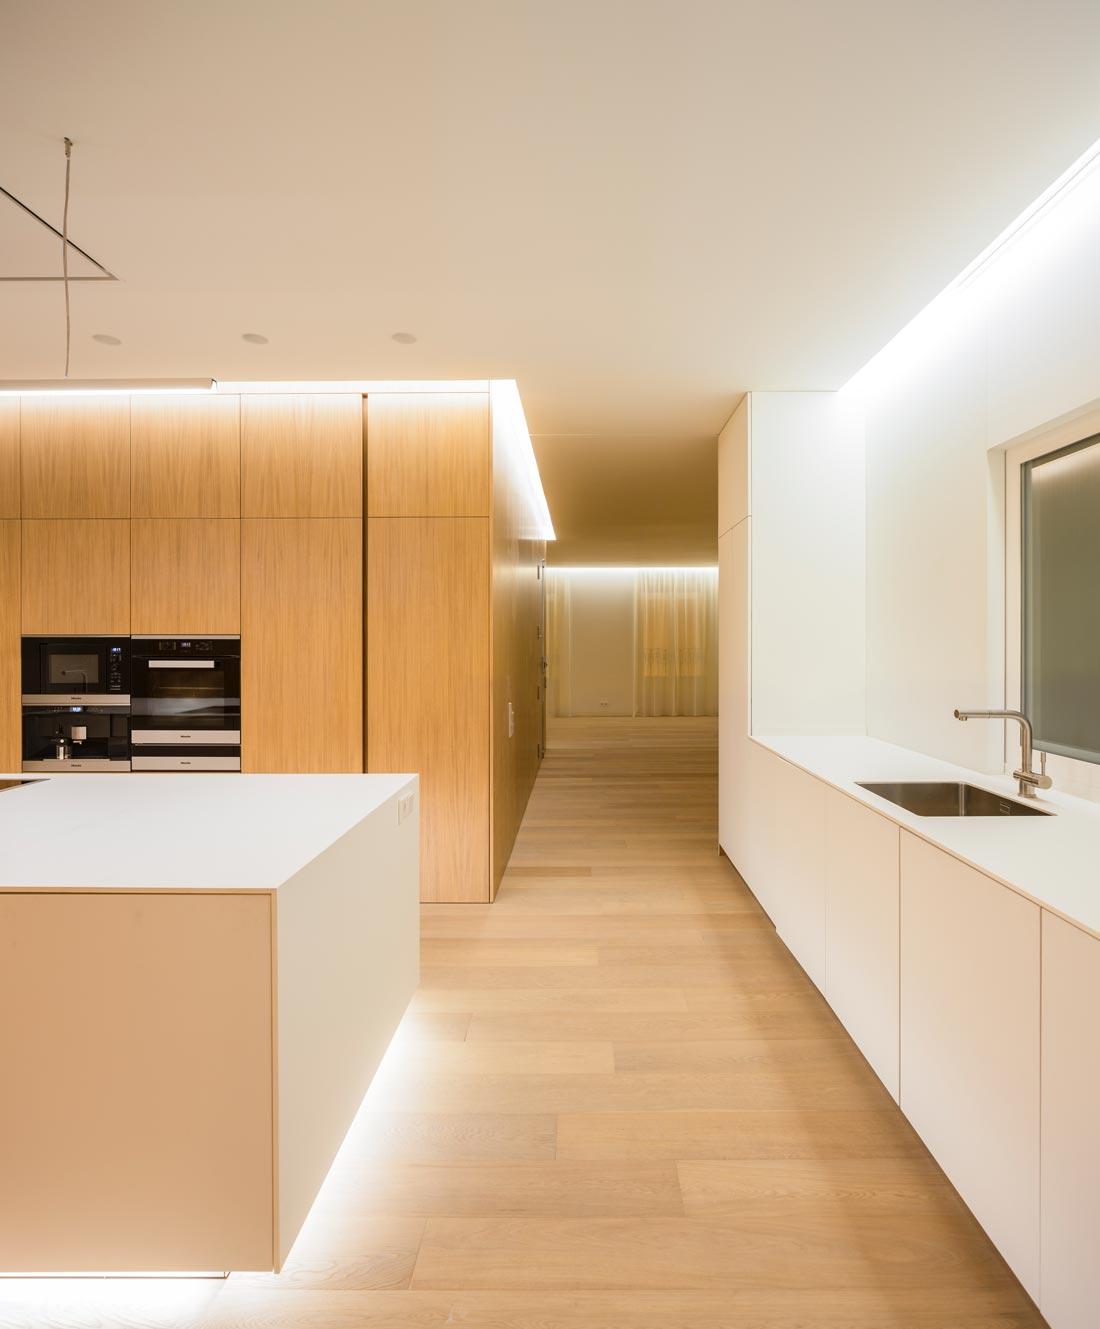 mayordomo architecture homu spanish architects minimalist wood kitchen